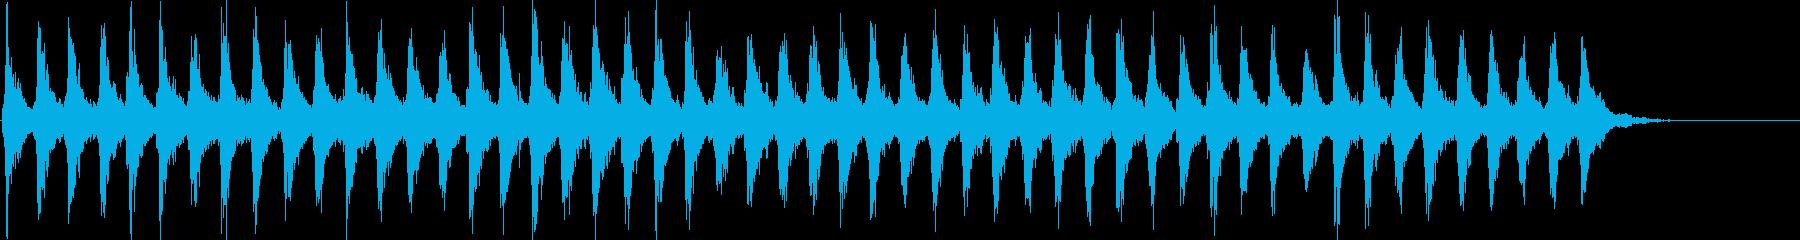 スレイベル ジングルベル シャンシャン!の再生済みの波形